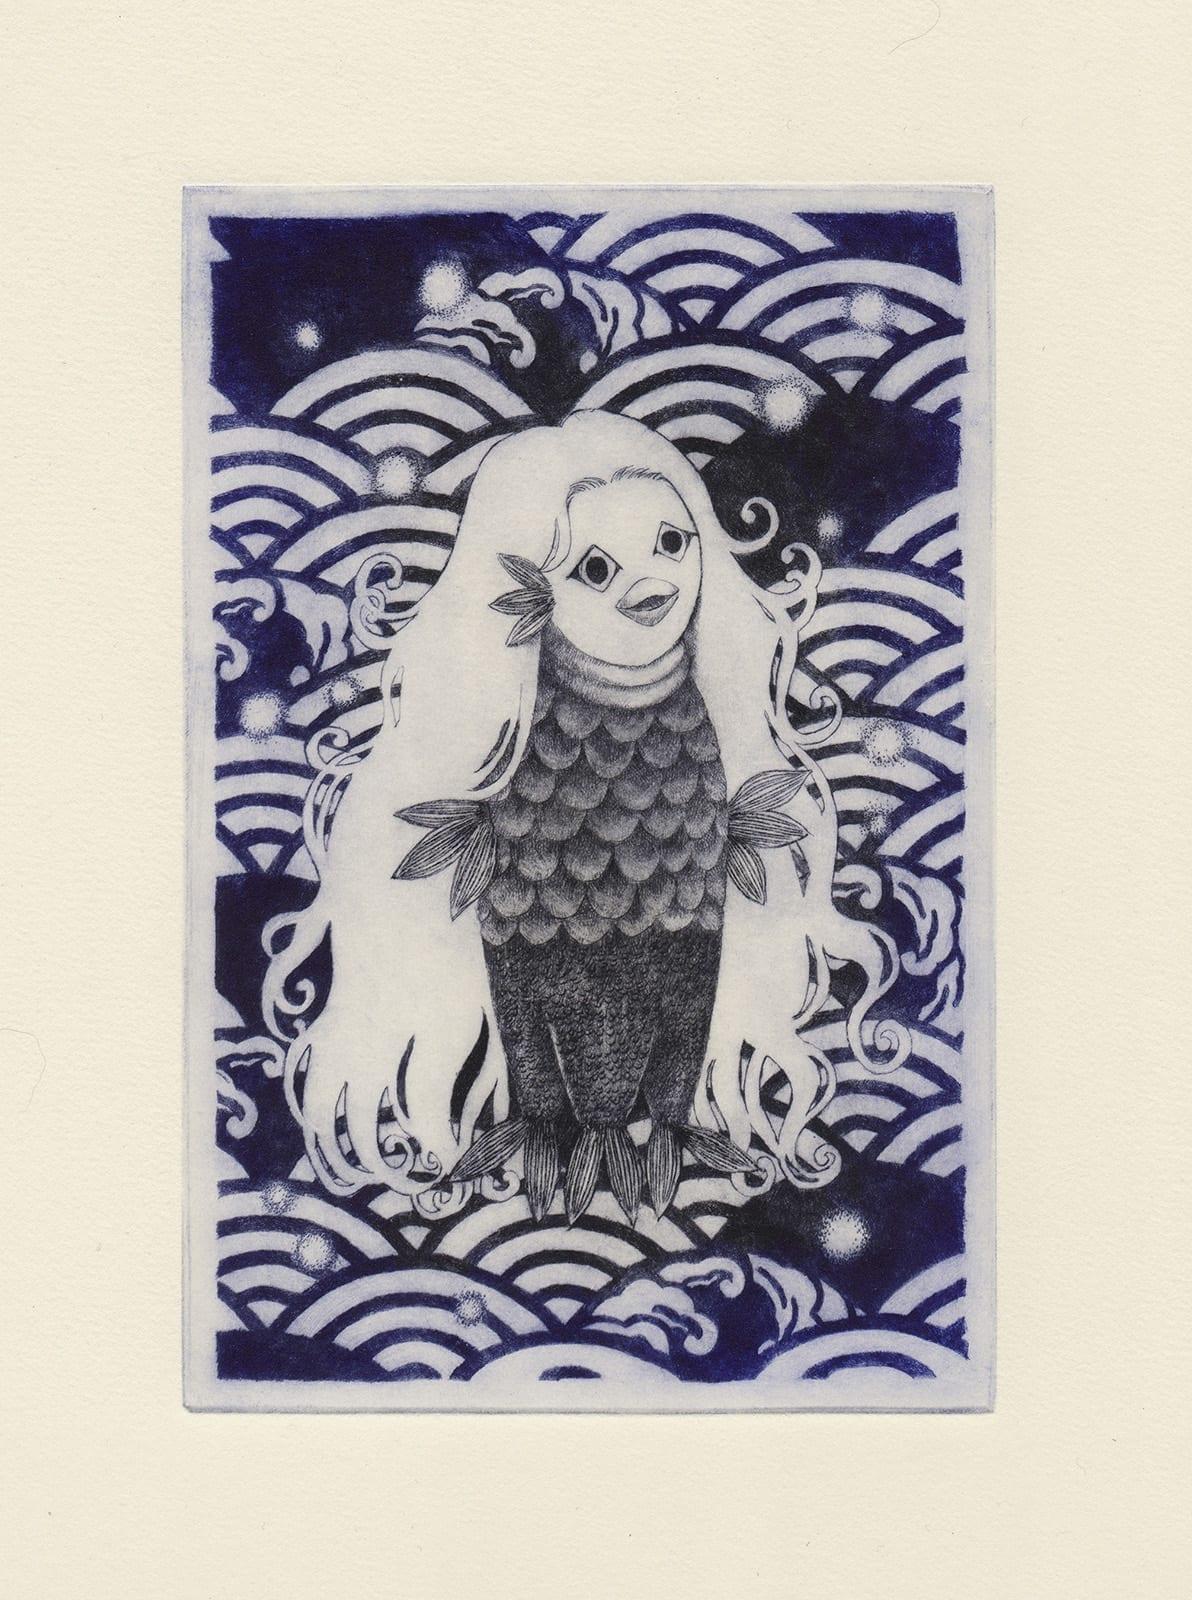 Amabie (drypoint etching by Yaemi Shigyo)